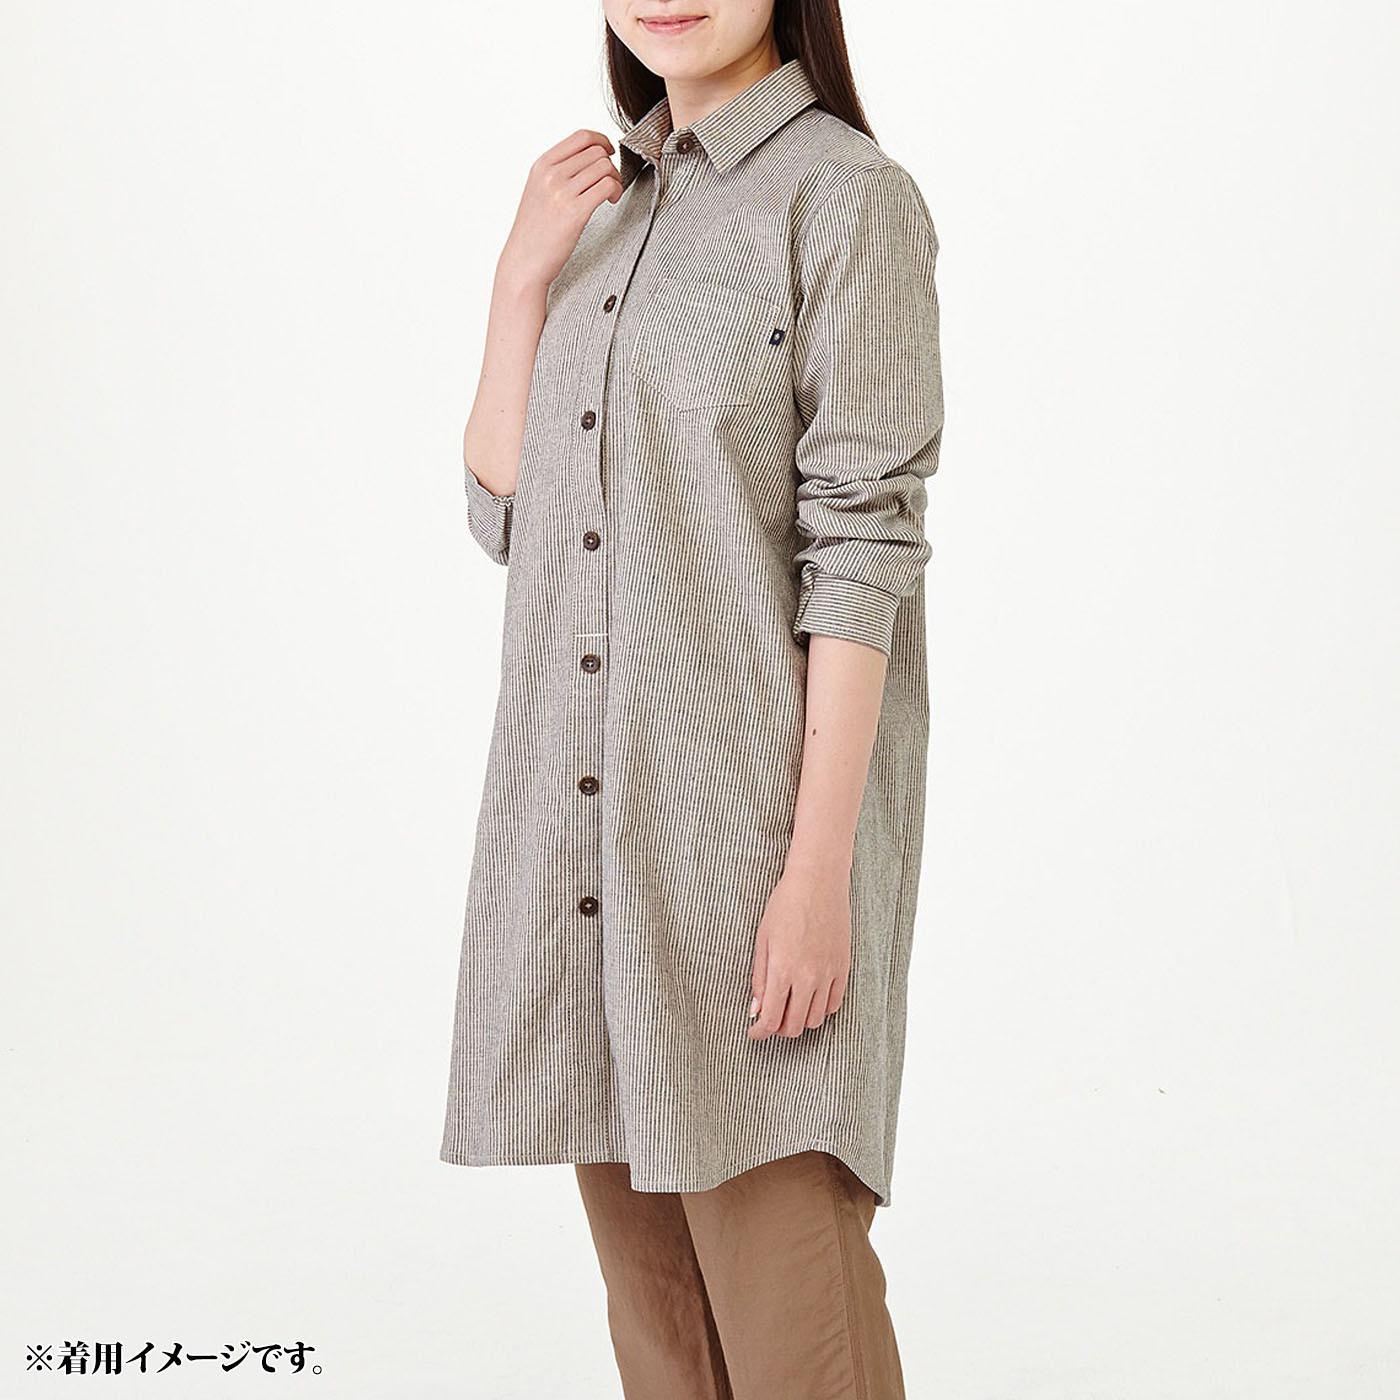 モデル身長約160cm 着用サイズM 袖口はボタンではなくゴムなので、さっと腕まくりできます。